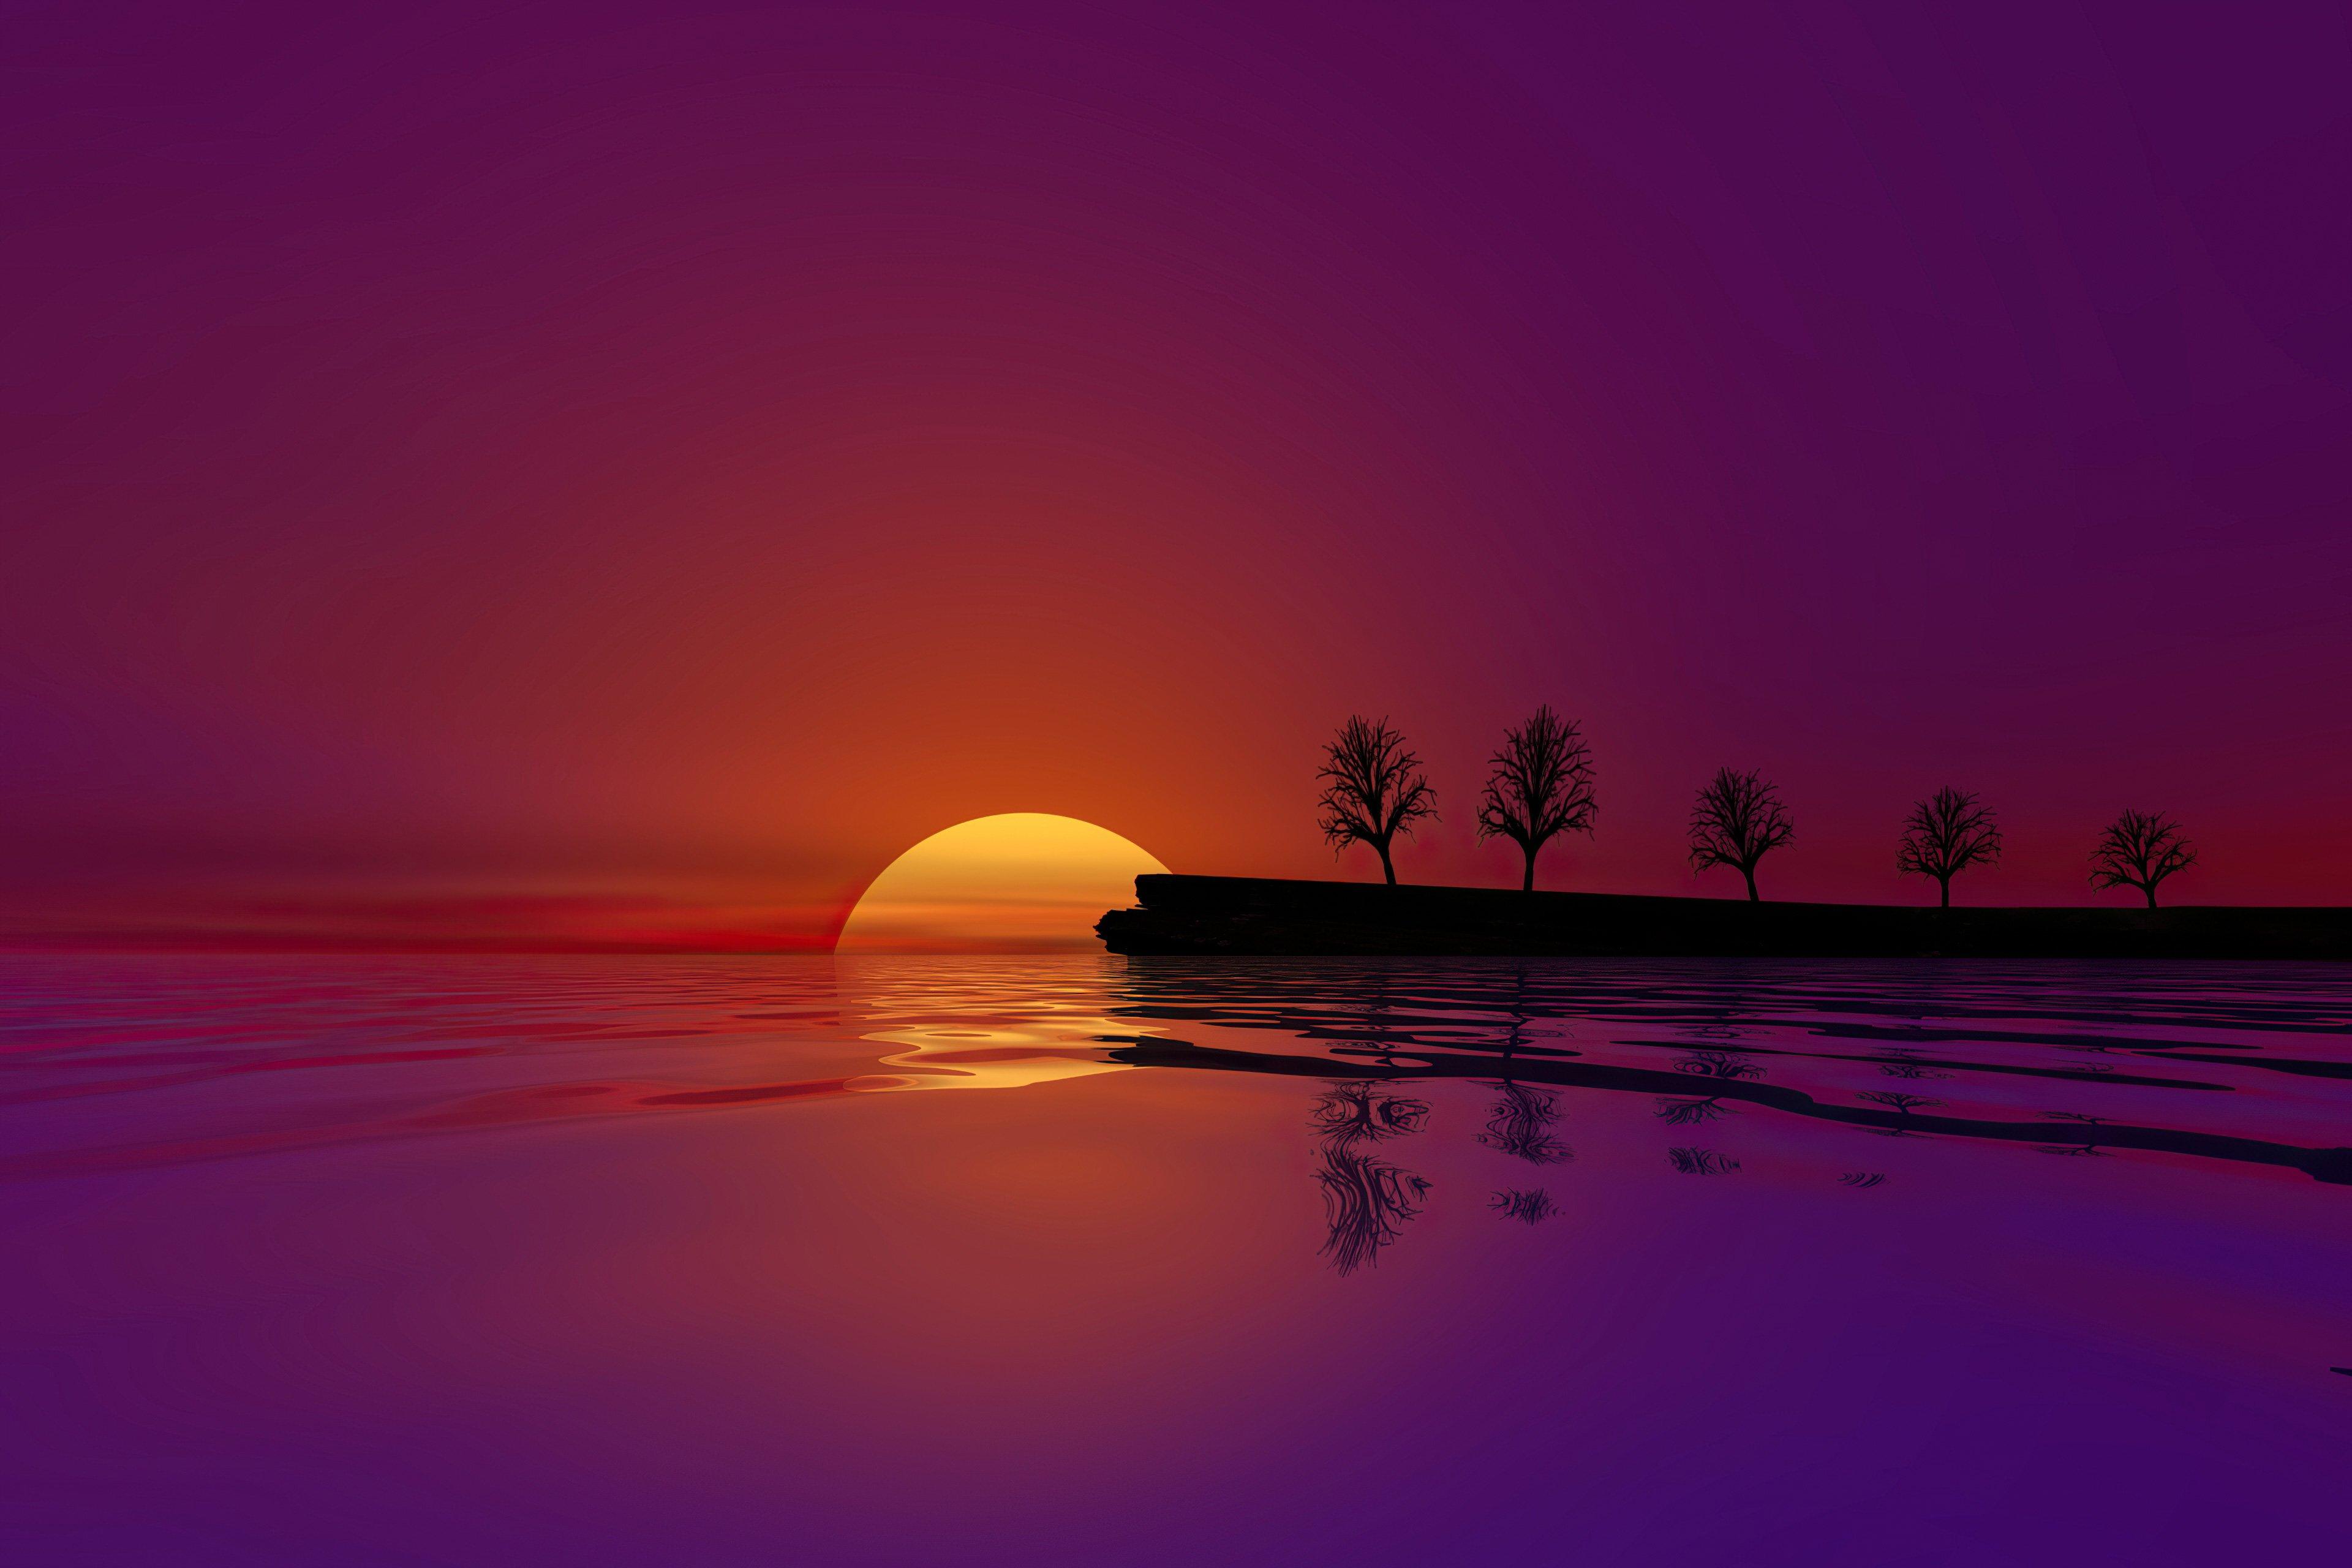 Fondos de pantalla El sol escondiendose en el agua